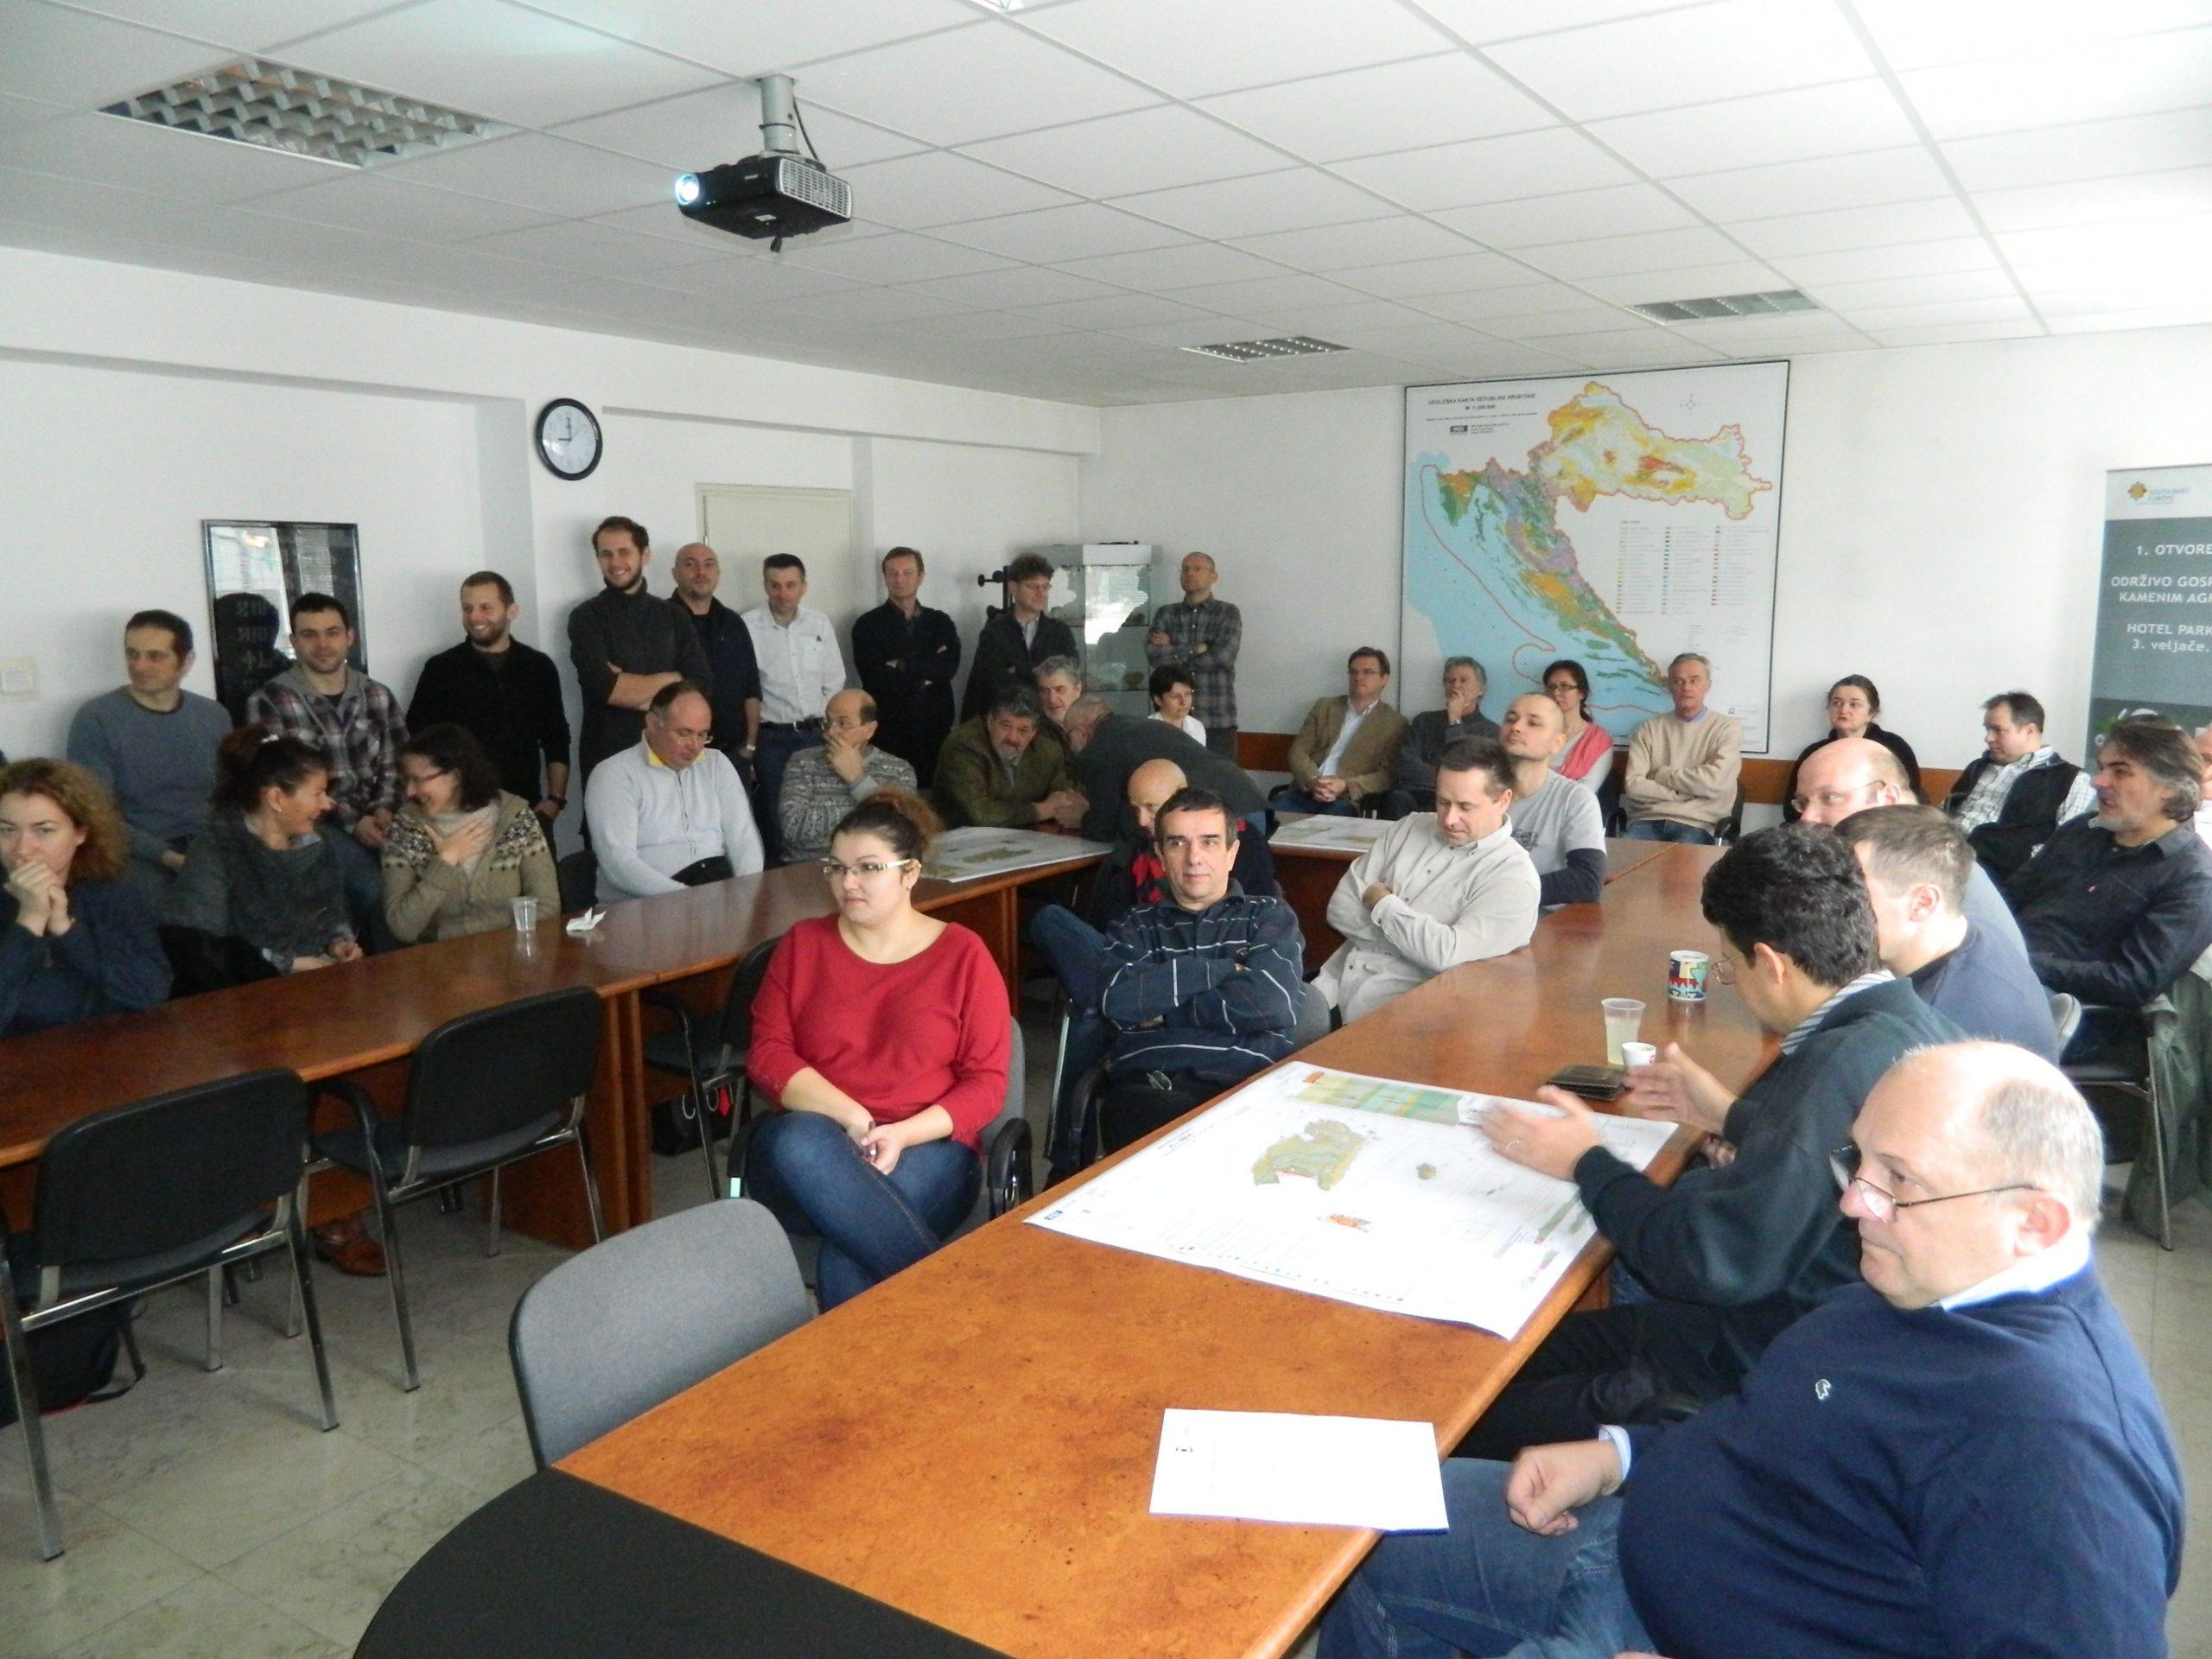 Svi zainteresirani za prezentaciju karte jedva su stali u dvoranu za sastanke HGI